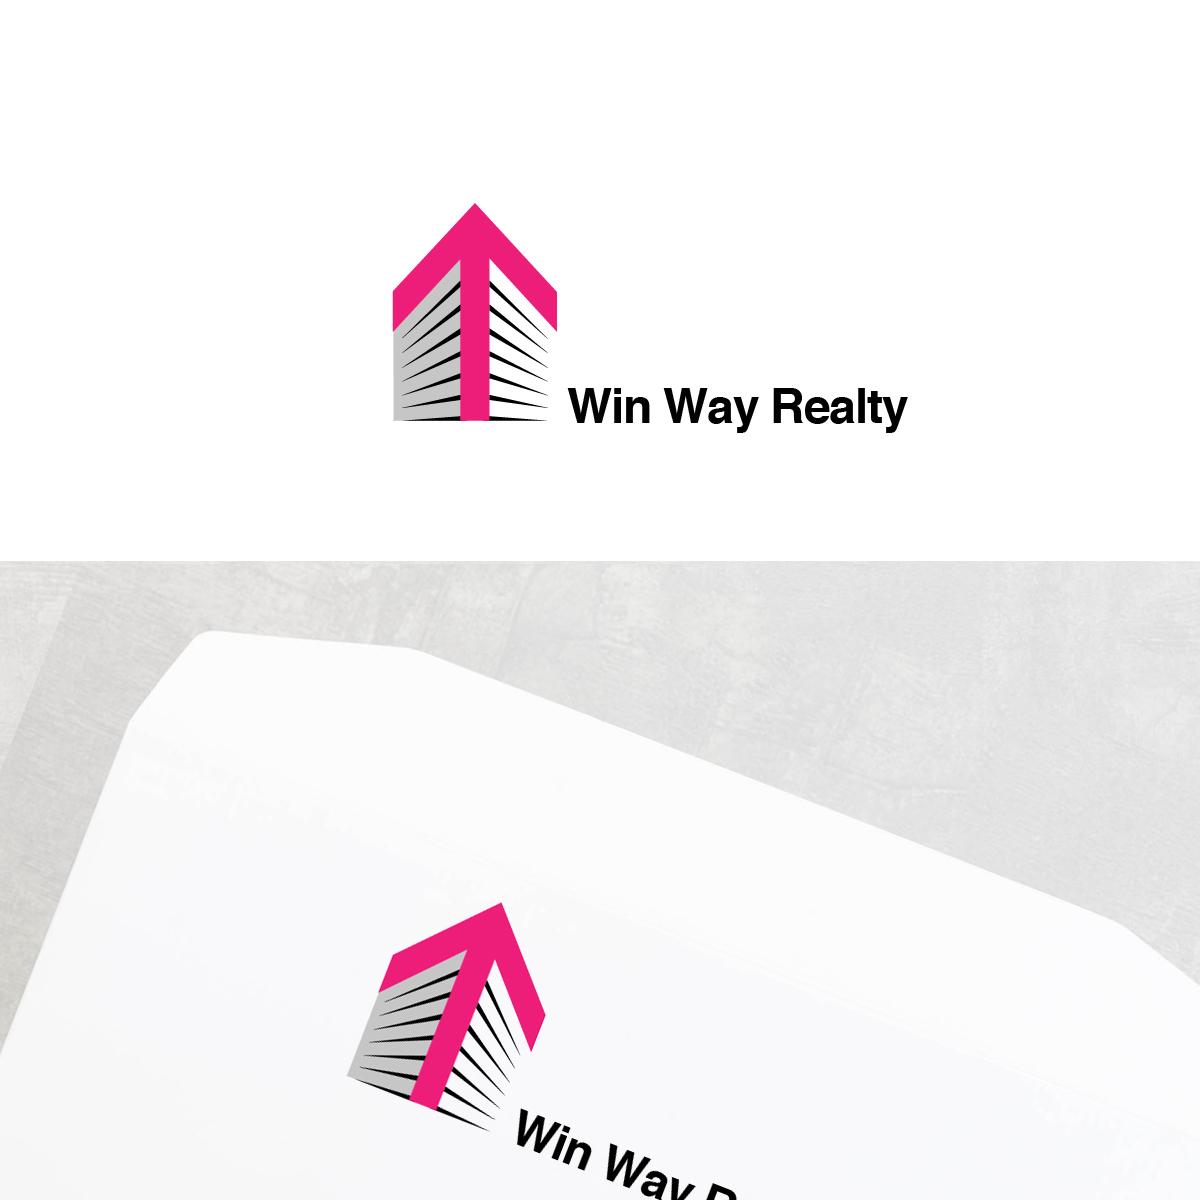 Логотип для агентства недвижимости фото f_2215aaa5d9883c66.jpg